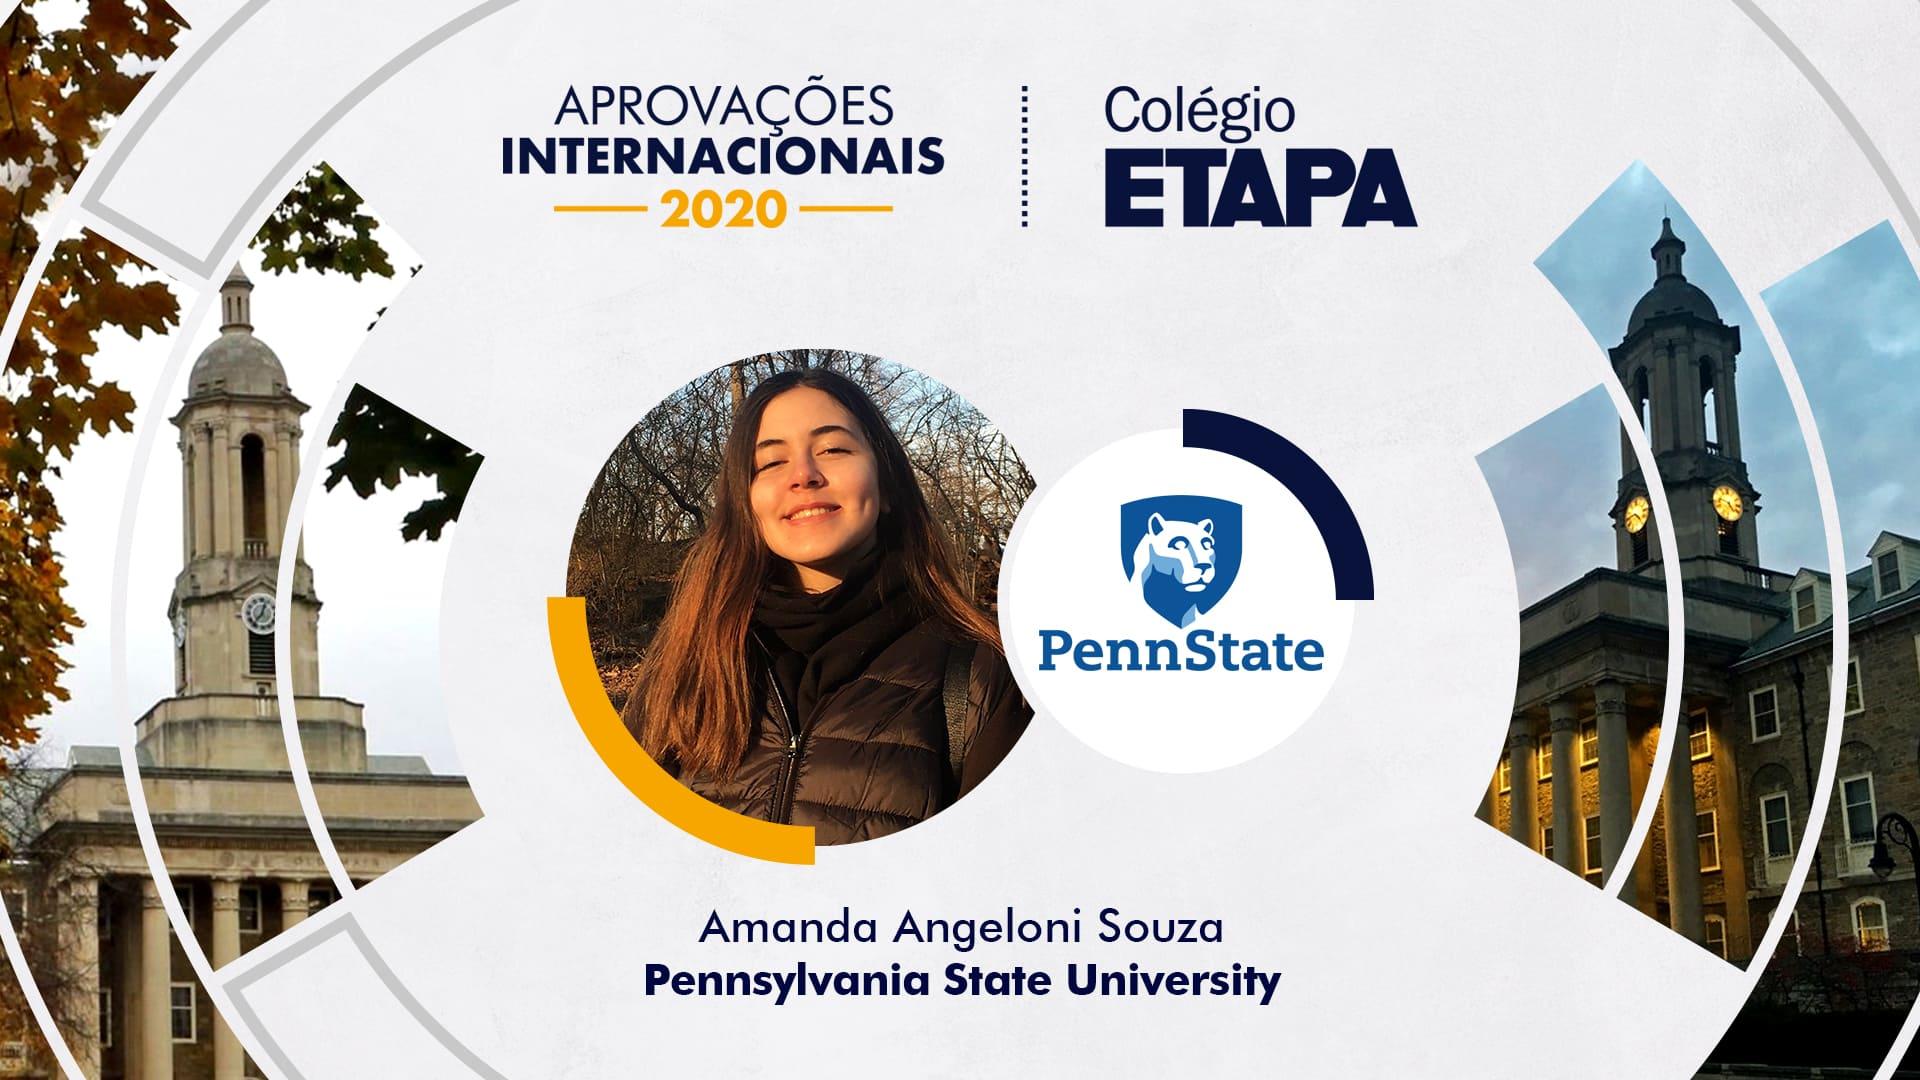 Amanda Angeloni Souza também foi aprovada no curso de Ciência e Tecnologia da Universidade Federal do ABC (UFABC).